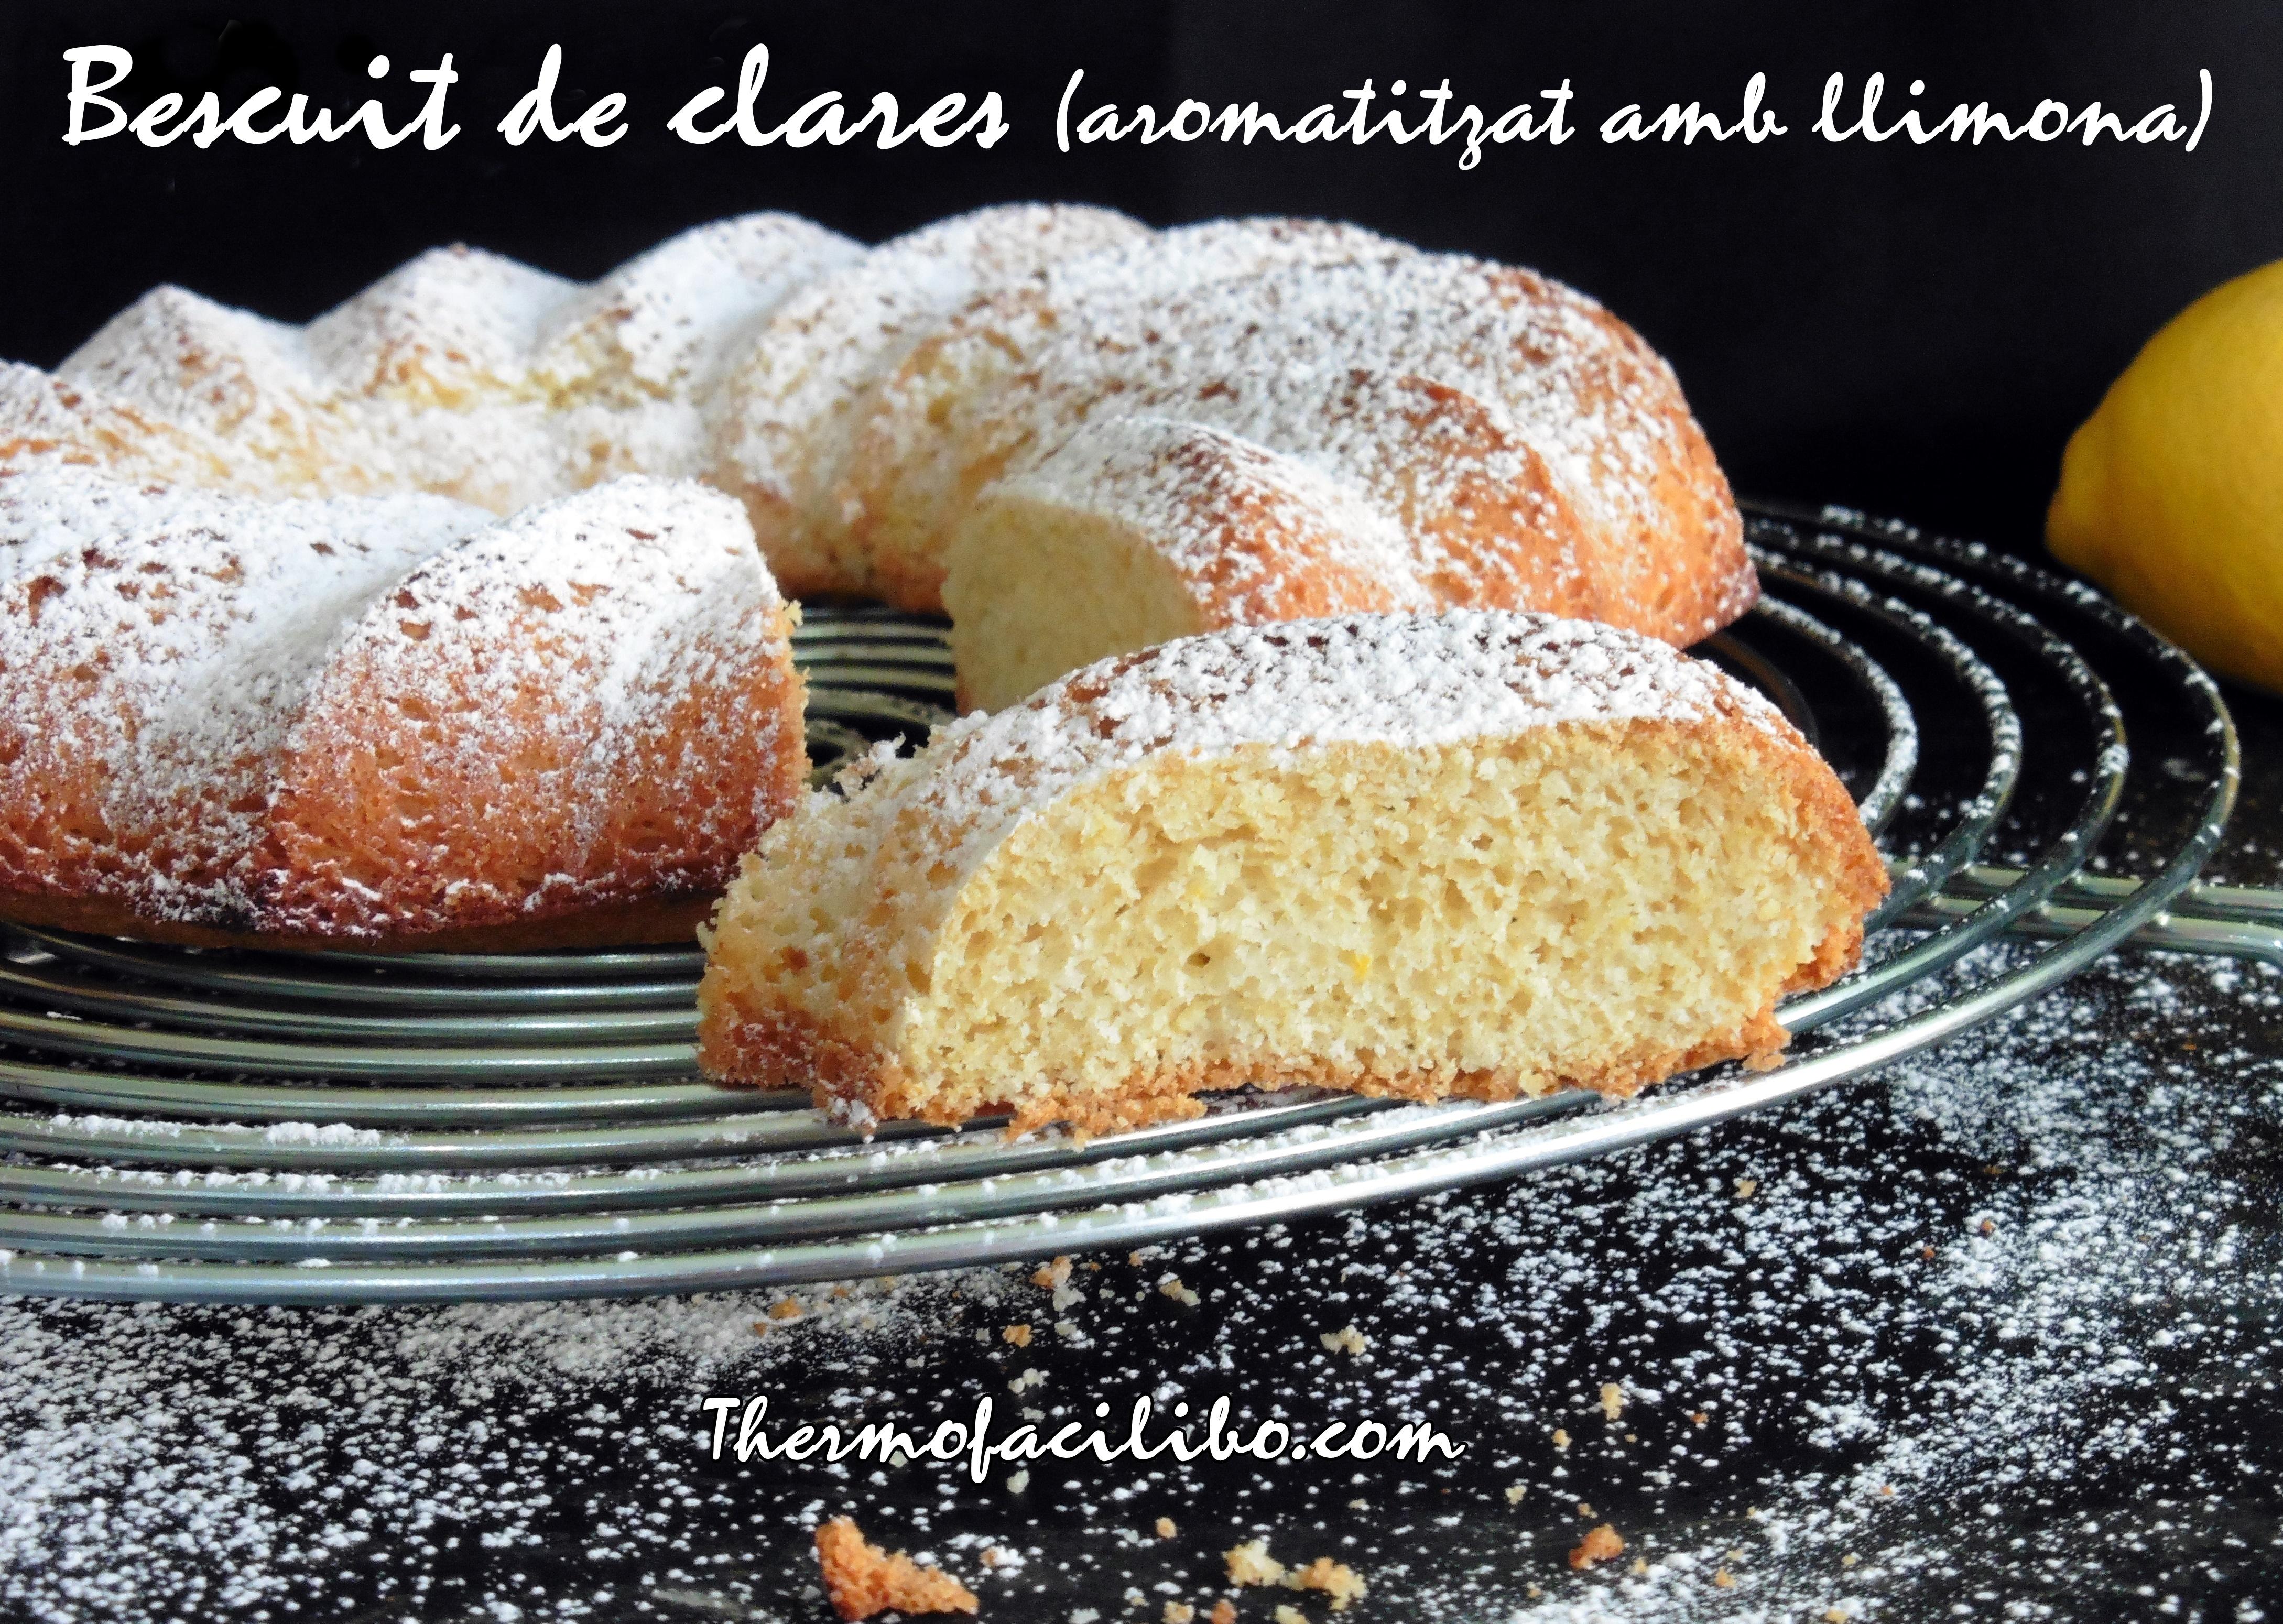 Pastís de clares (aromatitzat amb llimona).-